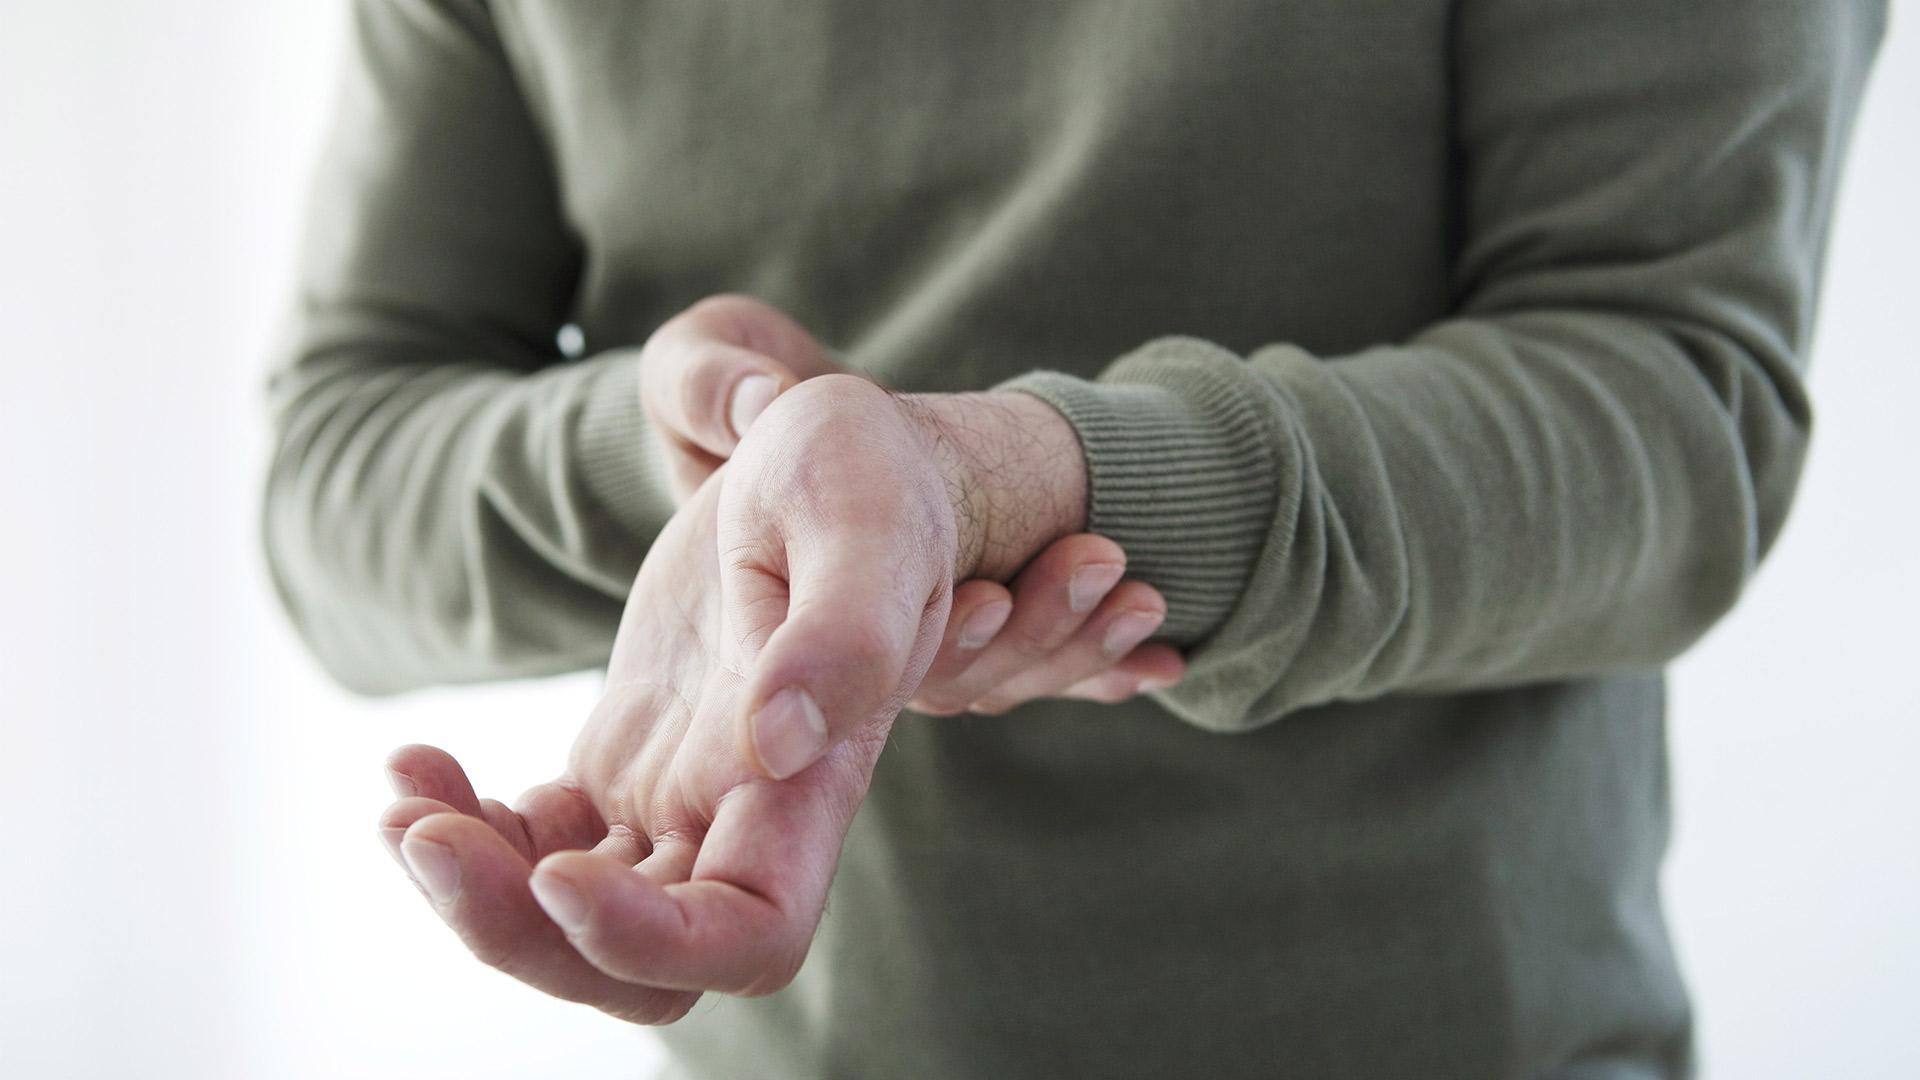 hogyan masszírozza az ujjakat ízületi gyulladás esetén fájdalomcsillapító injekciók ízületi fájdalmak kezelésére